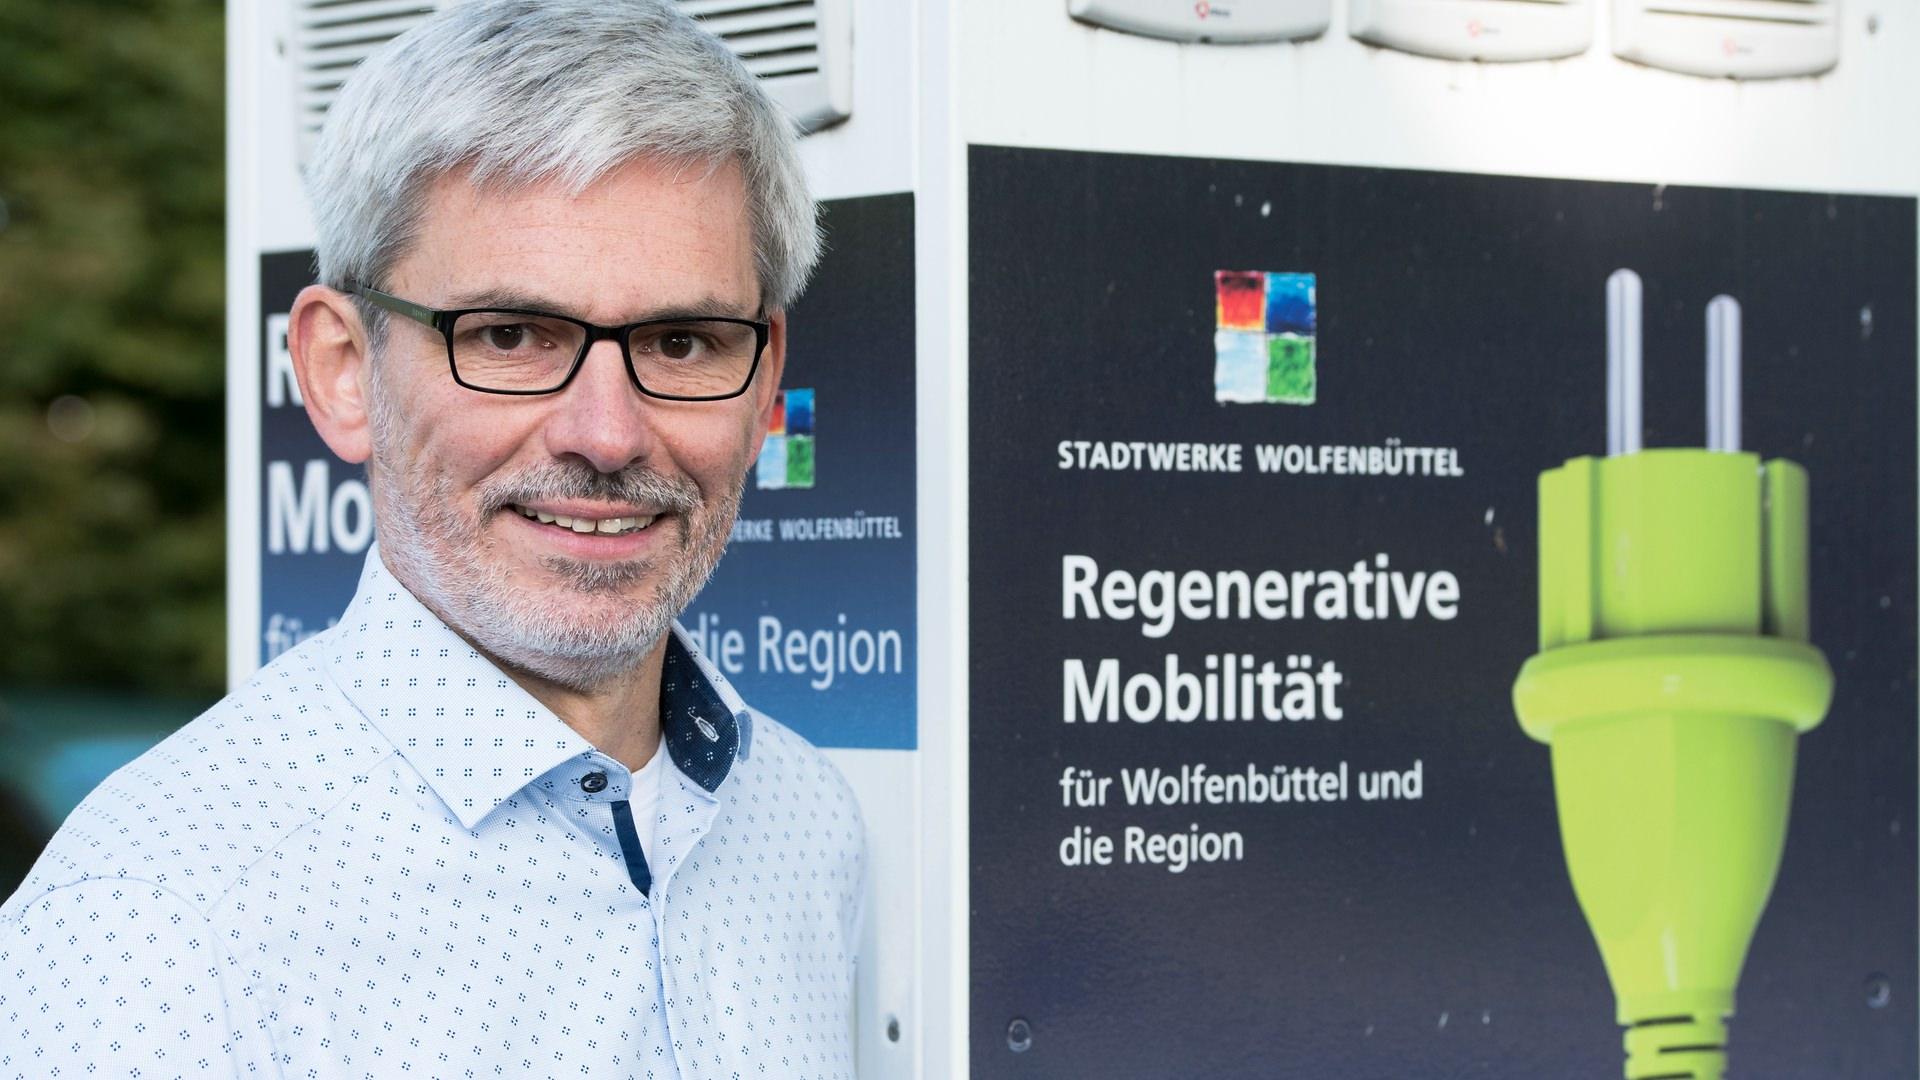 Stefan Brix Wolfenbüttel bis 2030 klimaneutral Energiewende